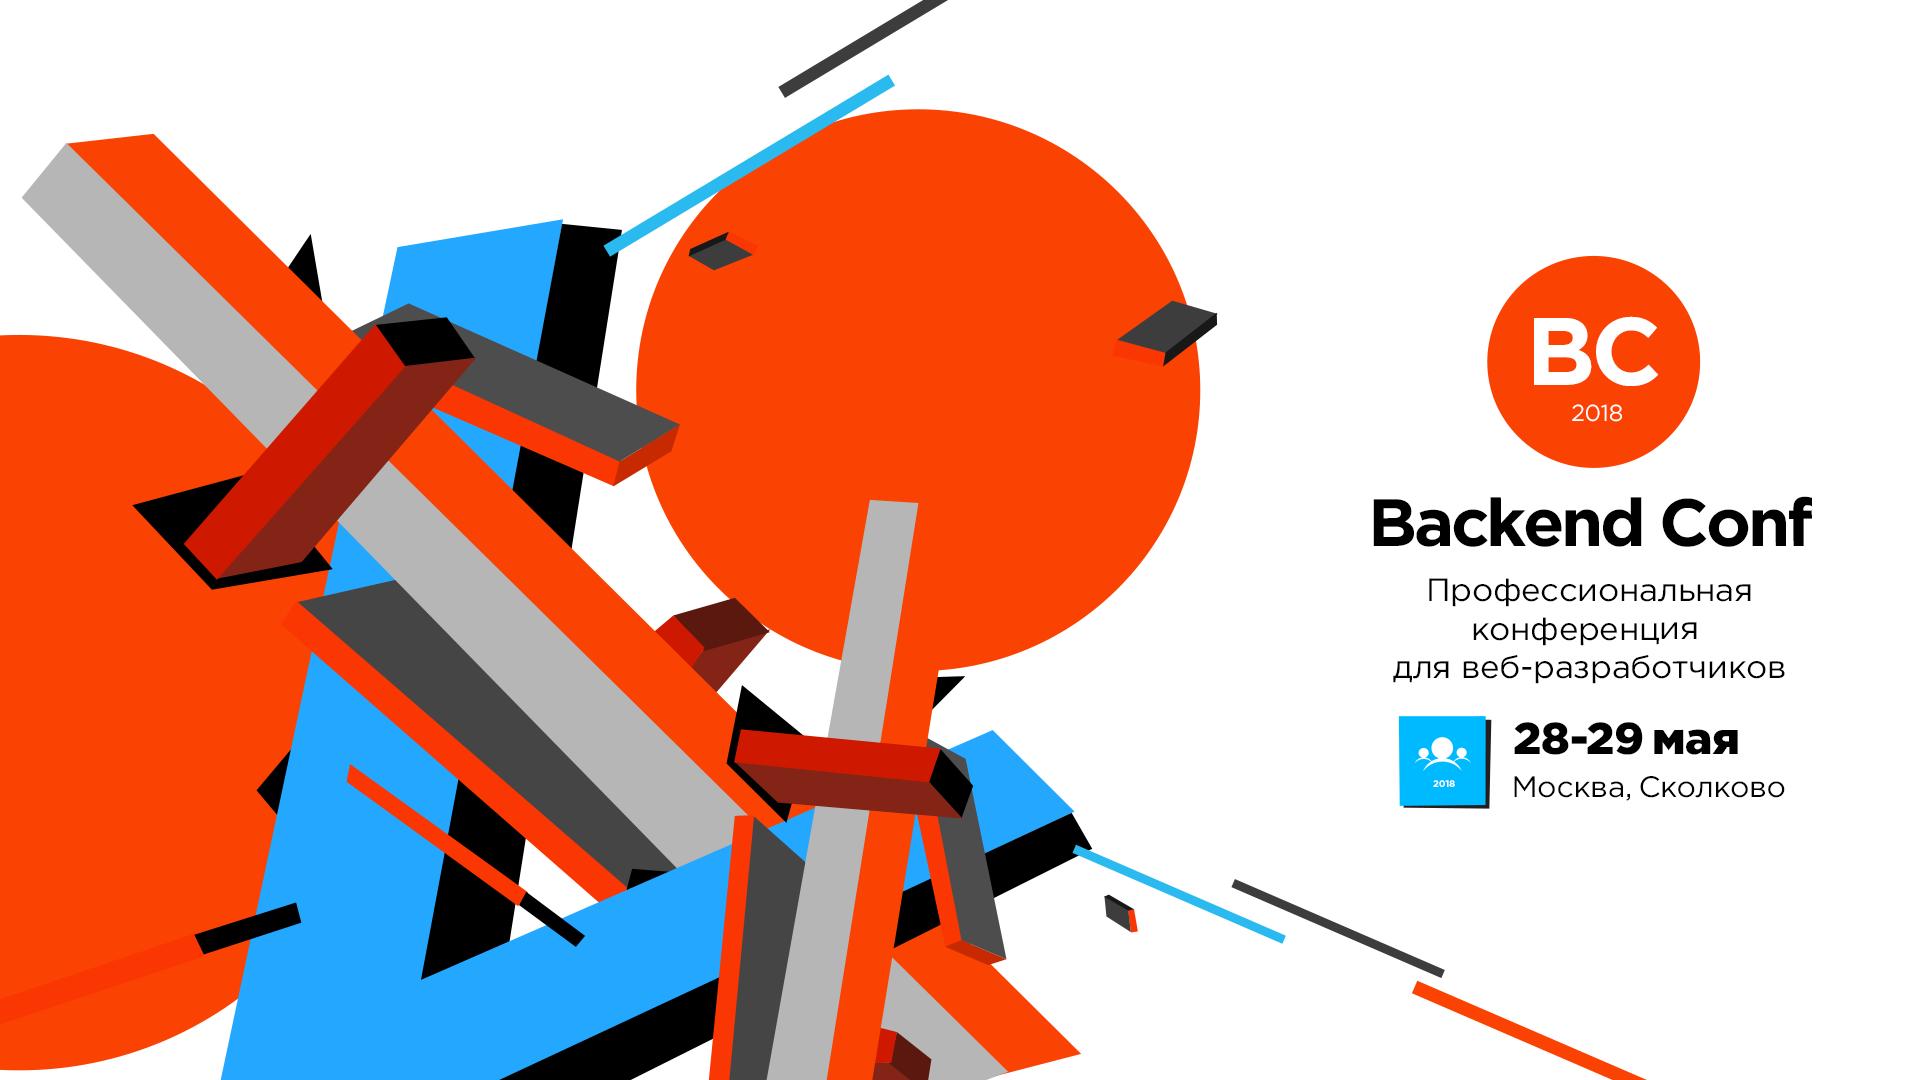 Вся программа Backend Conf: от микросервисов до бесконечных данных - 1